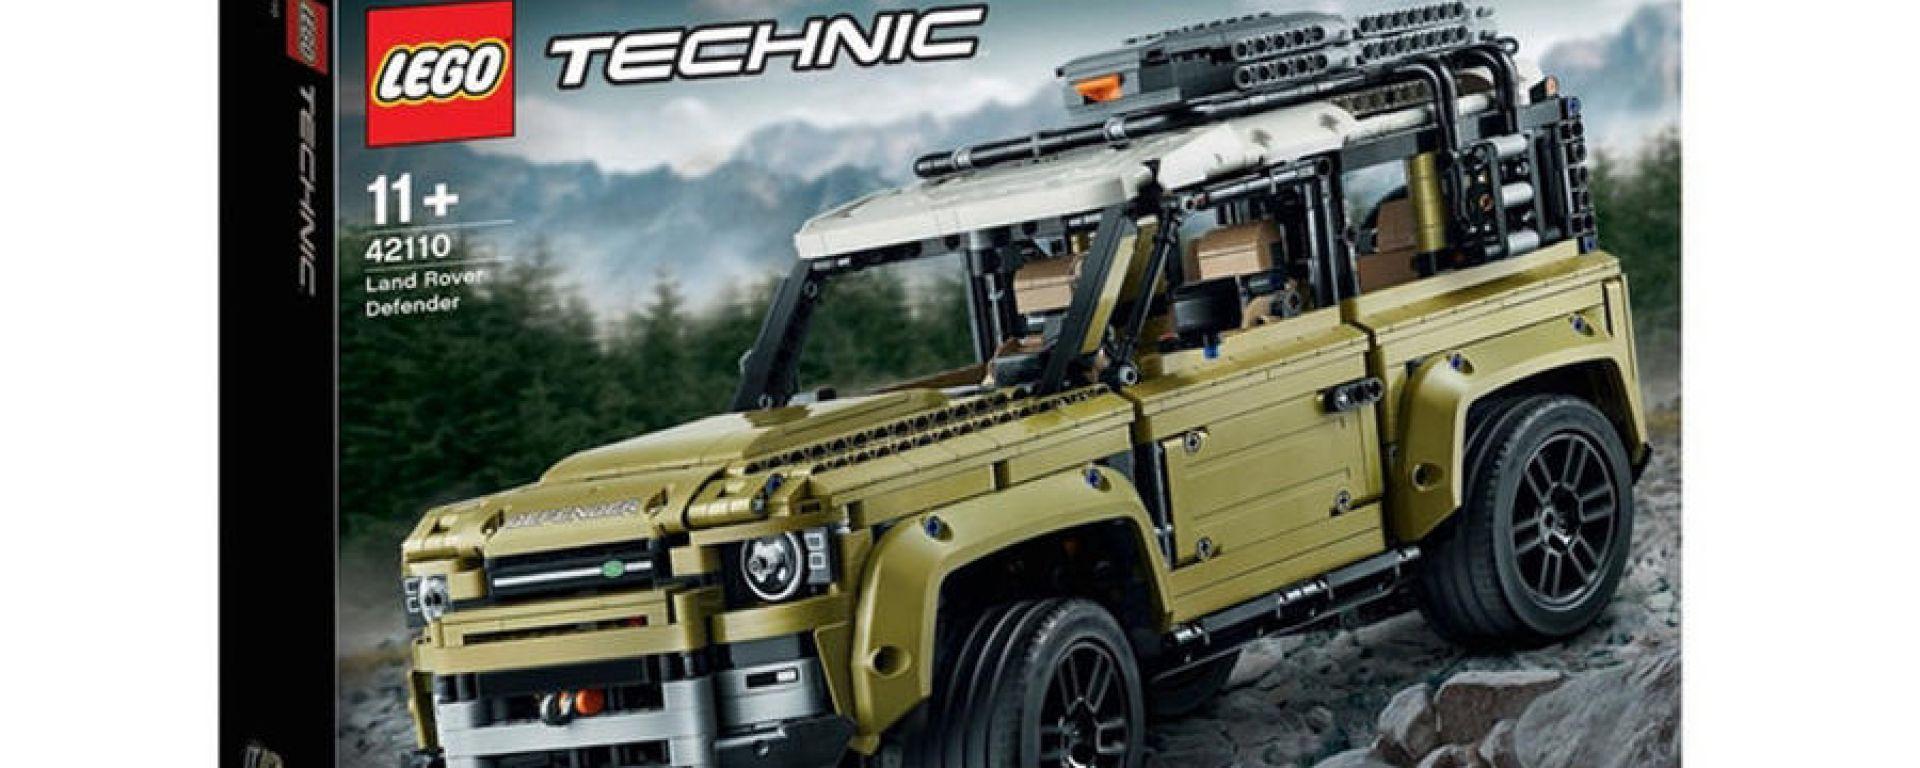 Nel modellino Lego svelate le forme della nuova Land Rover Defender 90